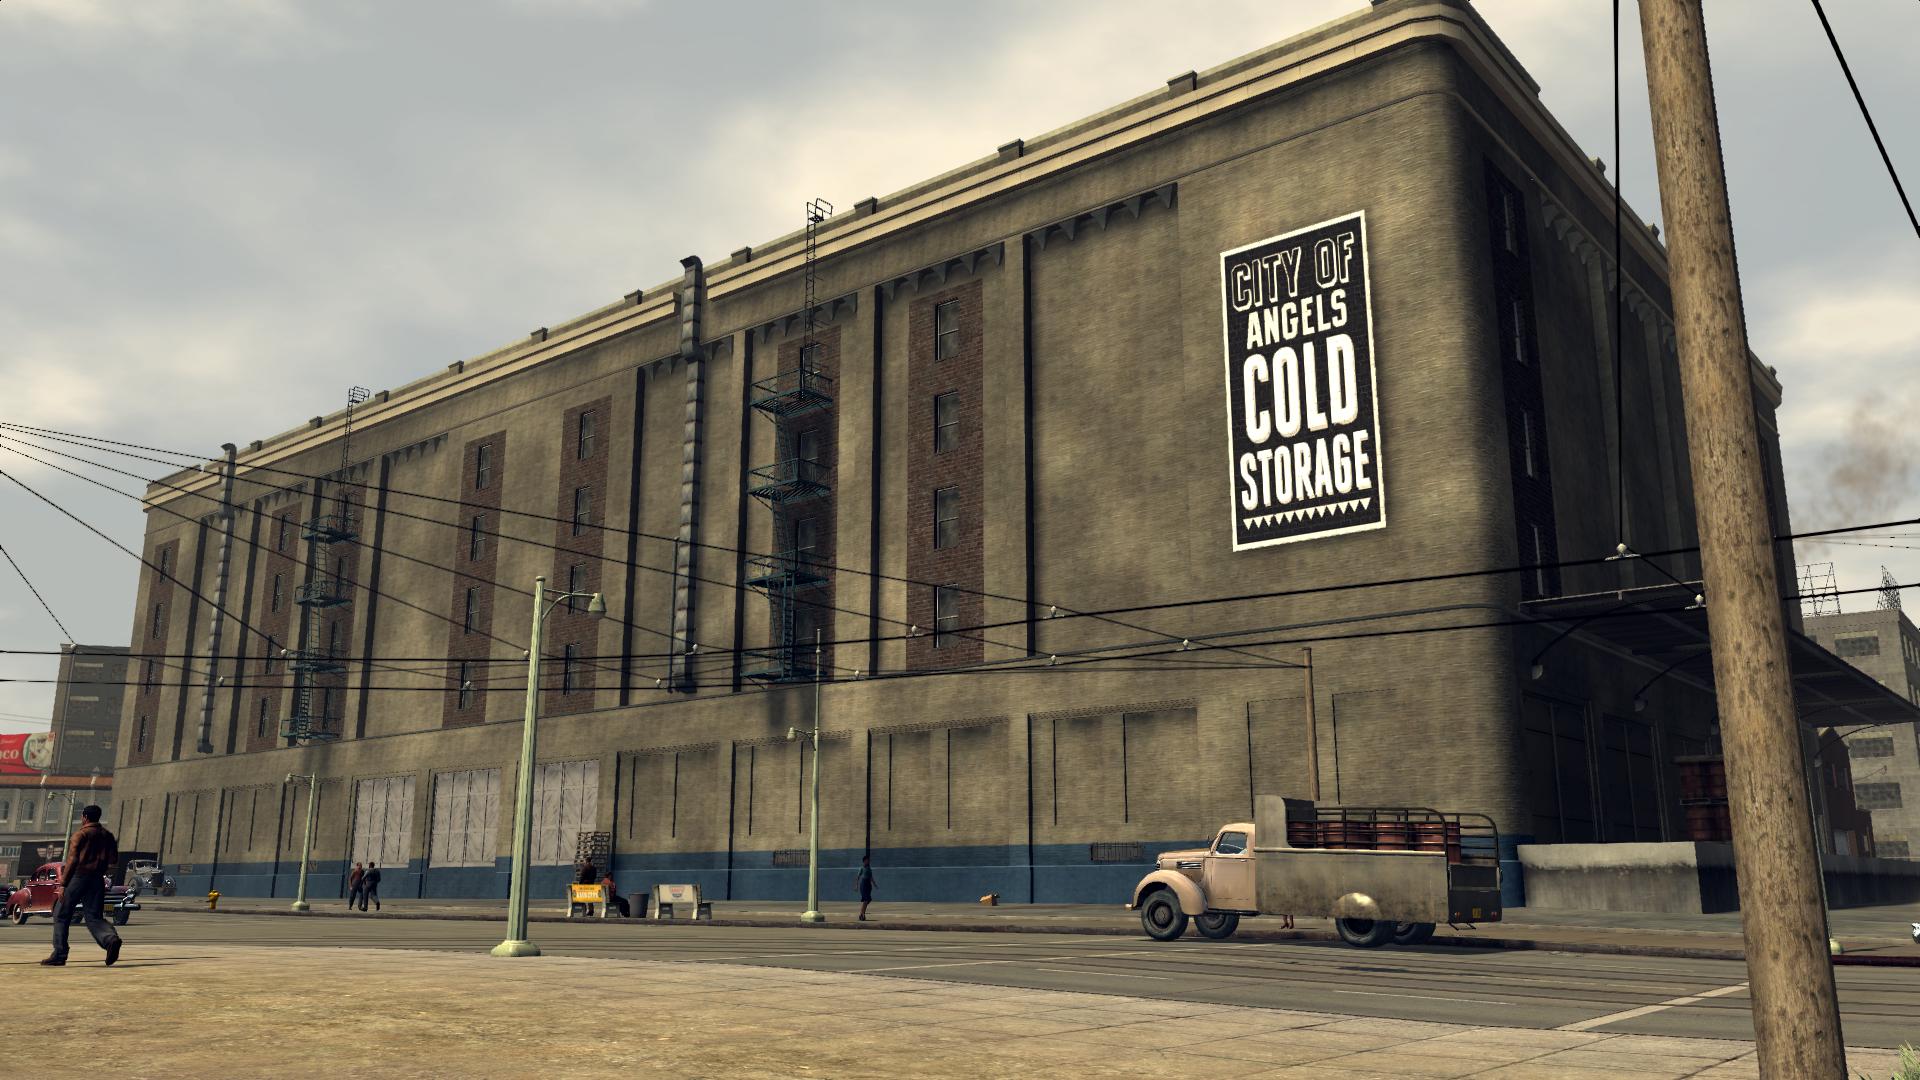 L.A. Cold Storage & L.A. Cold Storage | L.A. Noire Wiki | FANDOM powered by Wikia